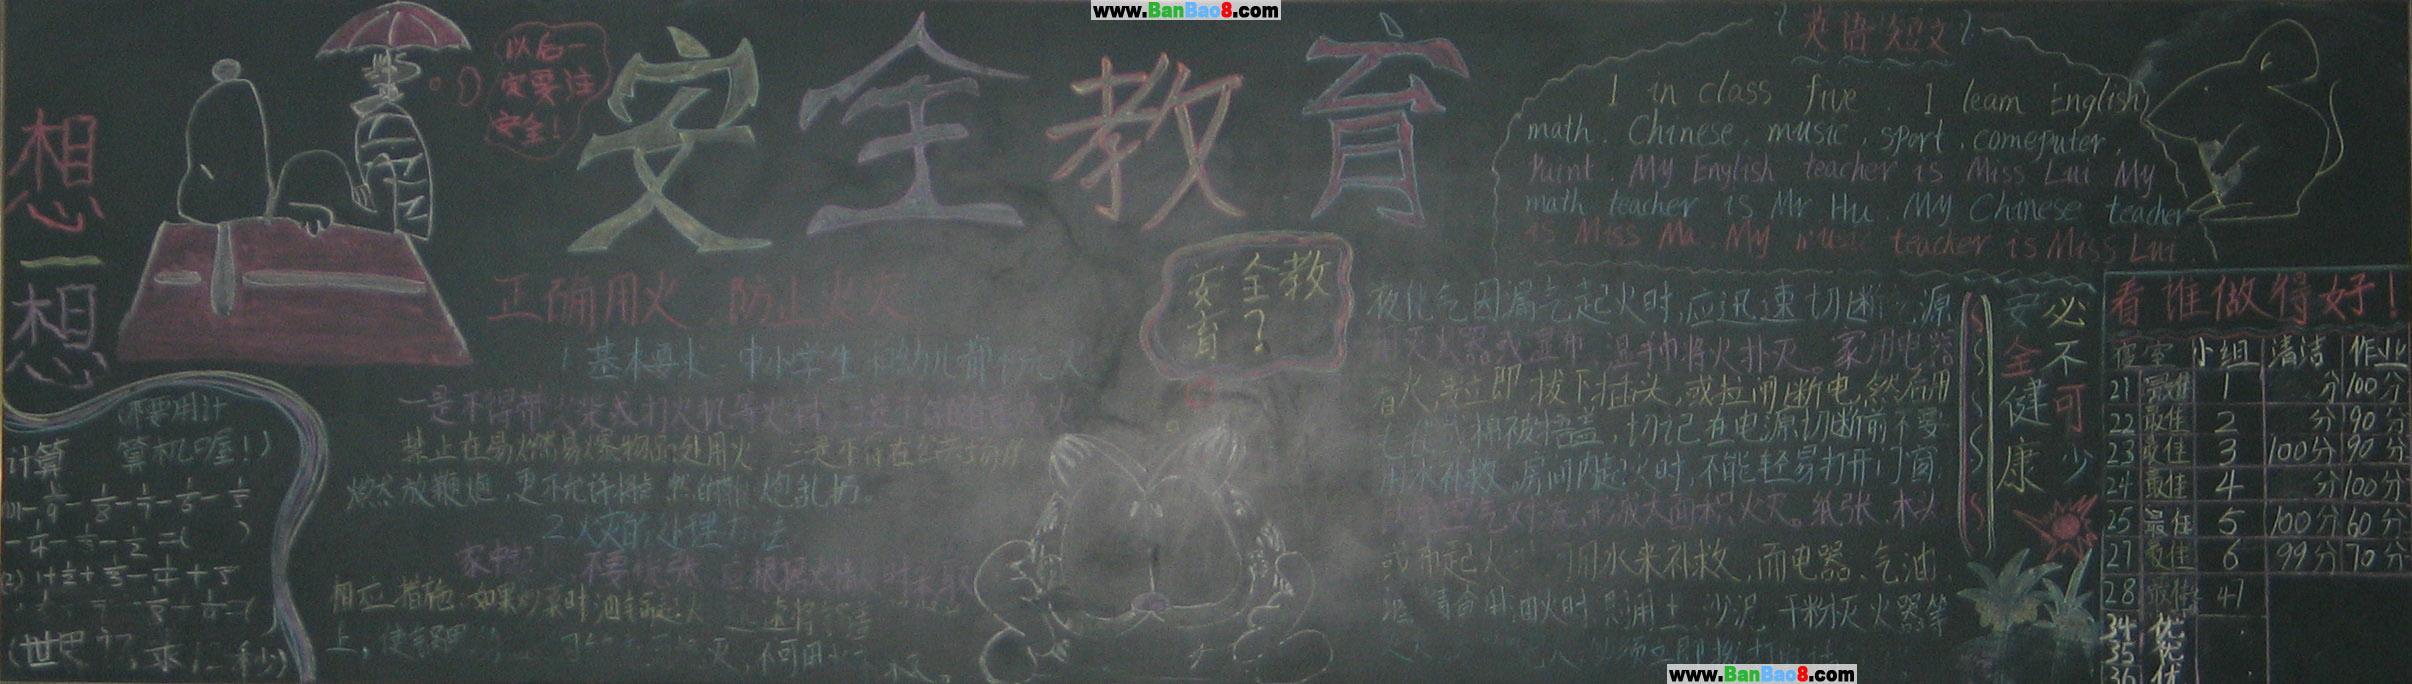 法制教育黑板报_法制安全  【法制教育黑板报】法制教育黑板报素材